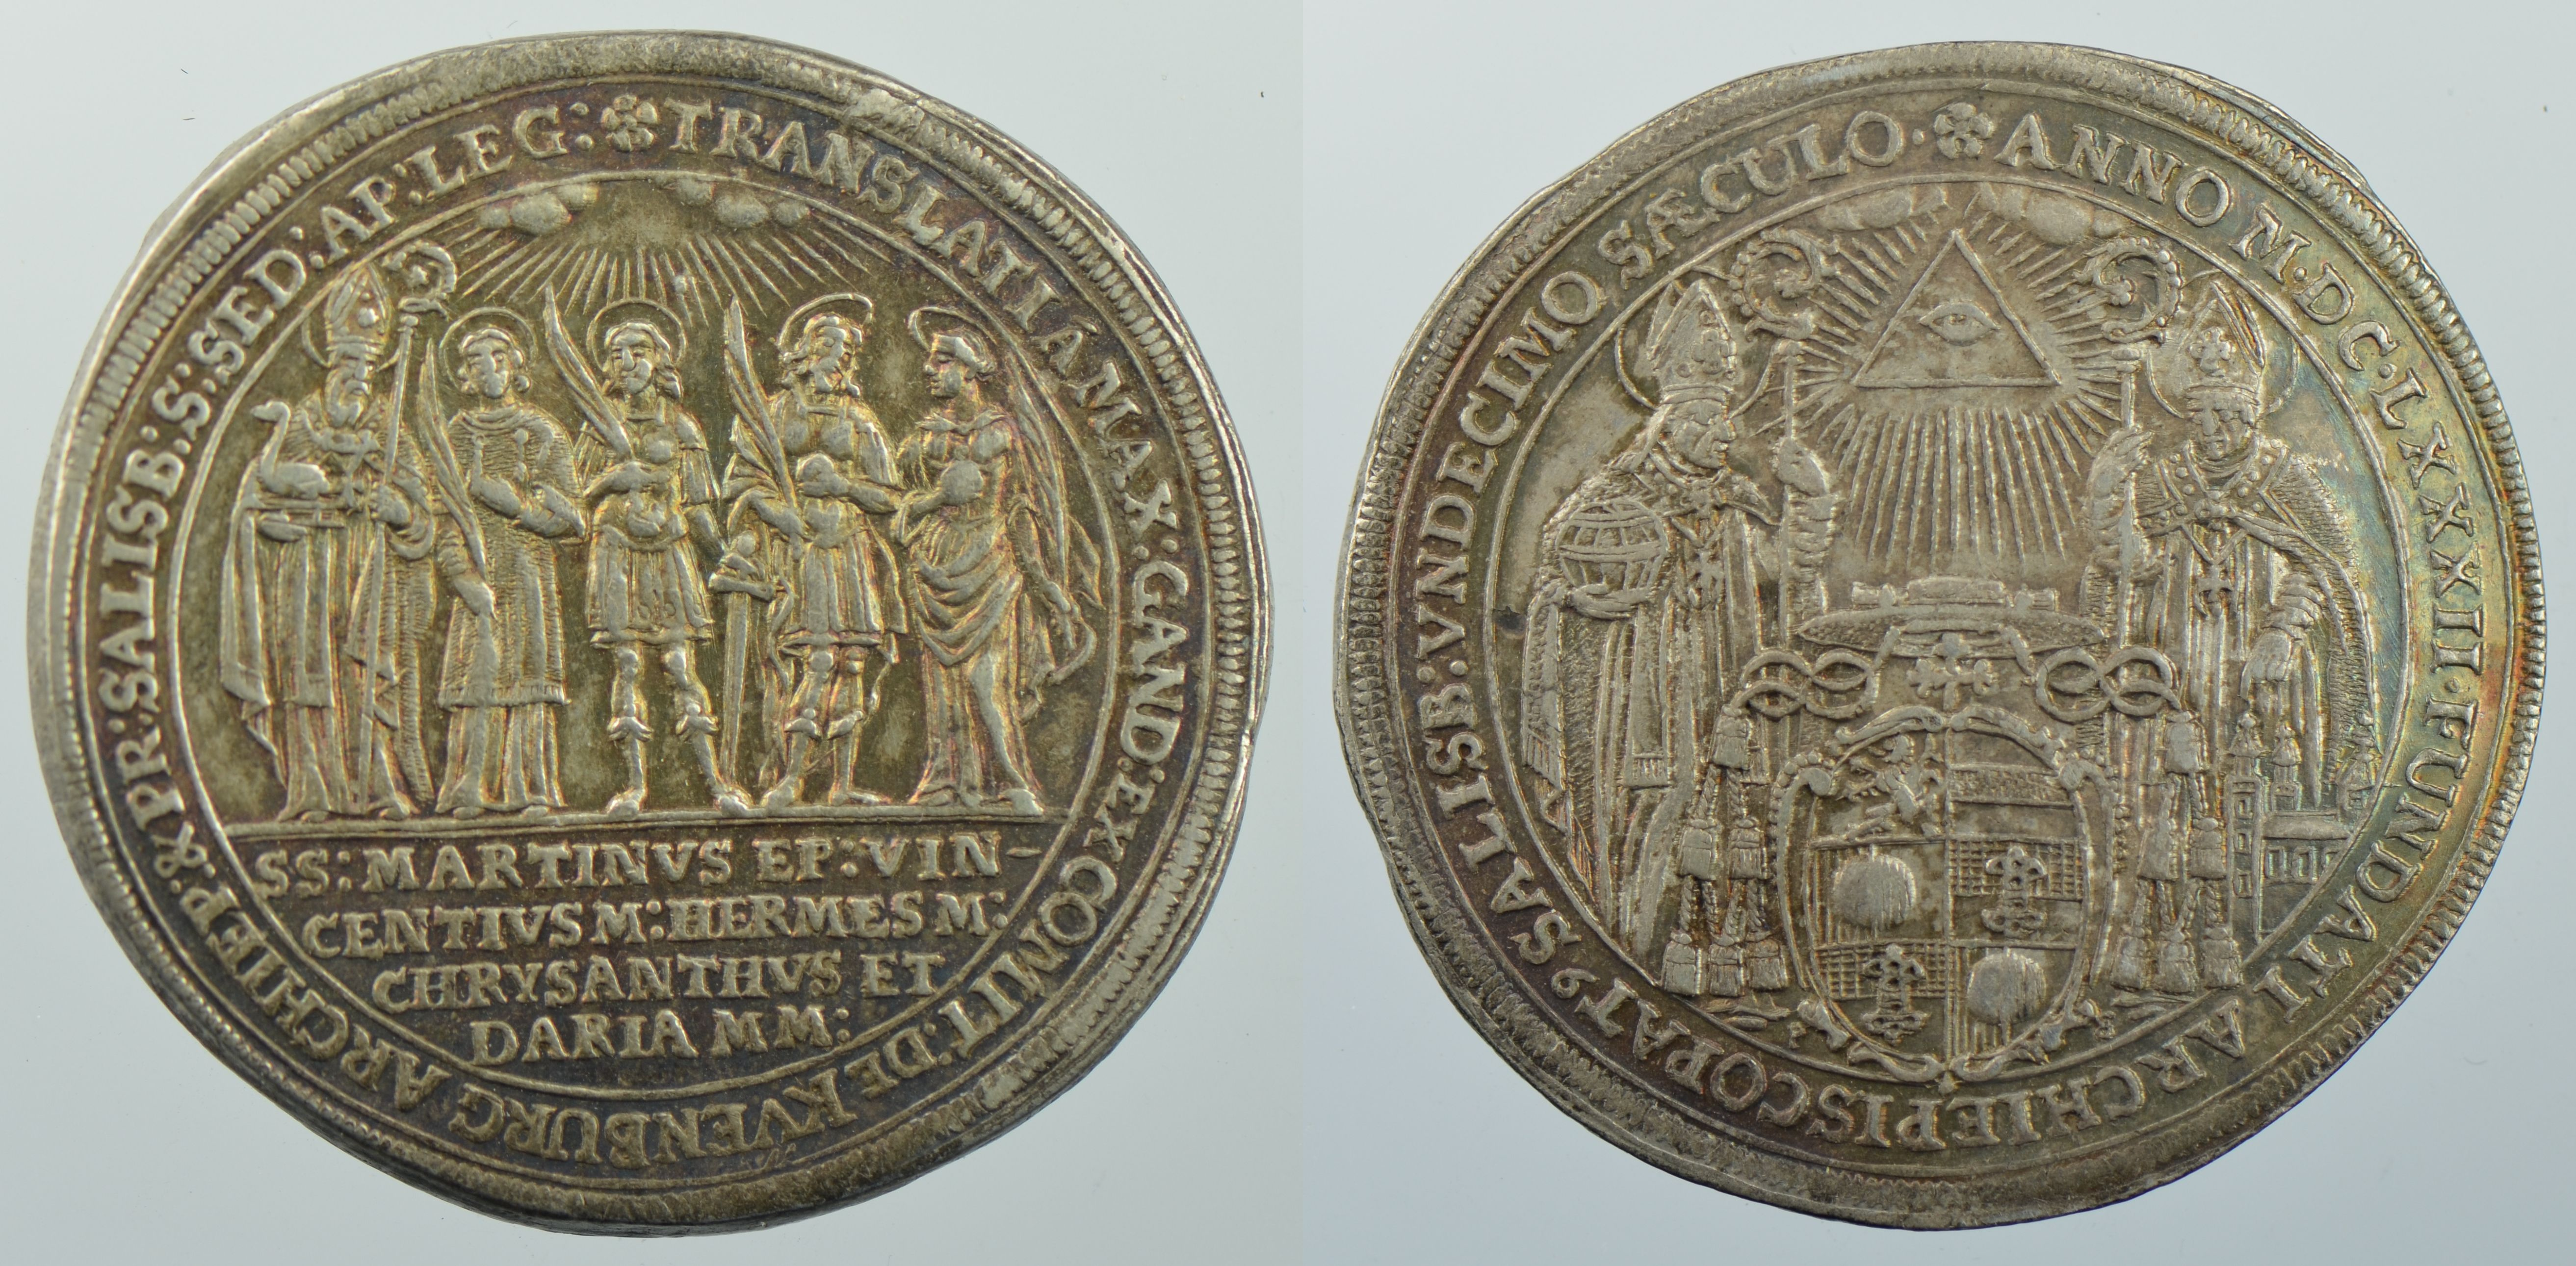 Taler 1682 auf das Stiftsjubiläum, Schweizer Nationalmuseum